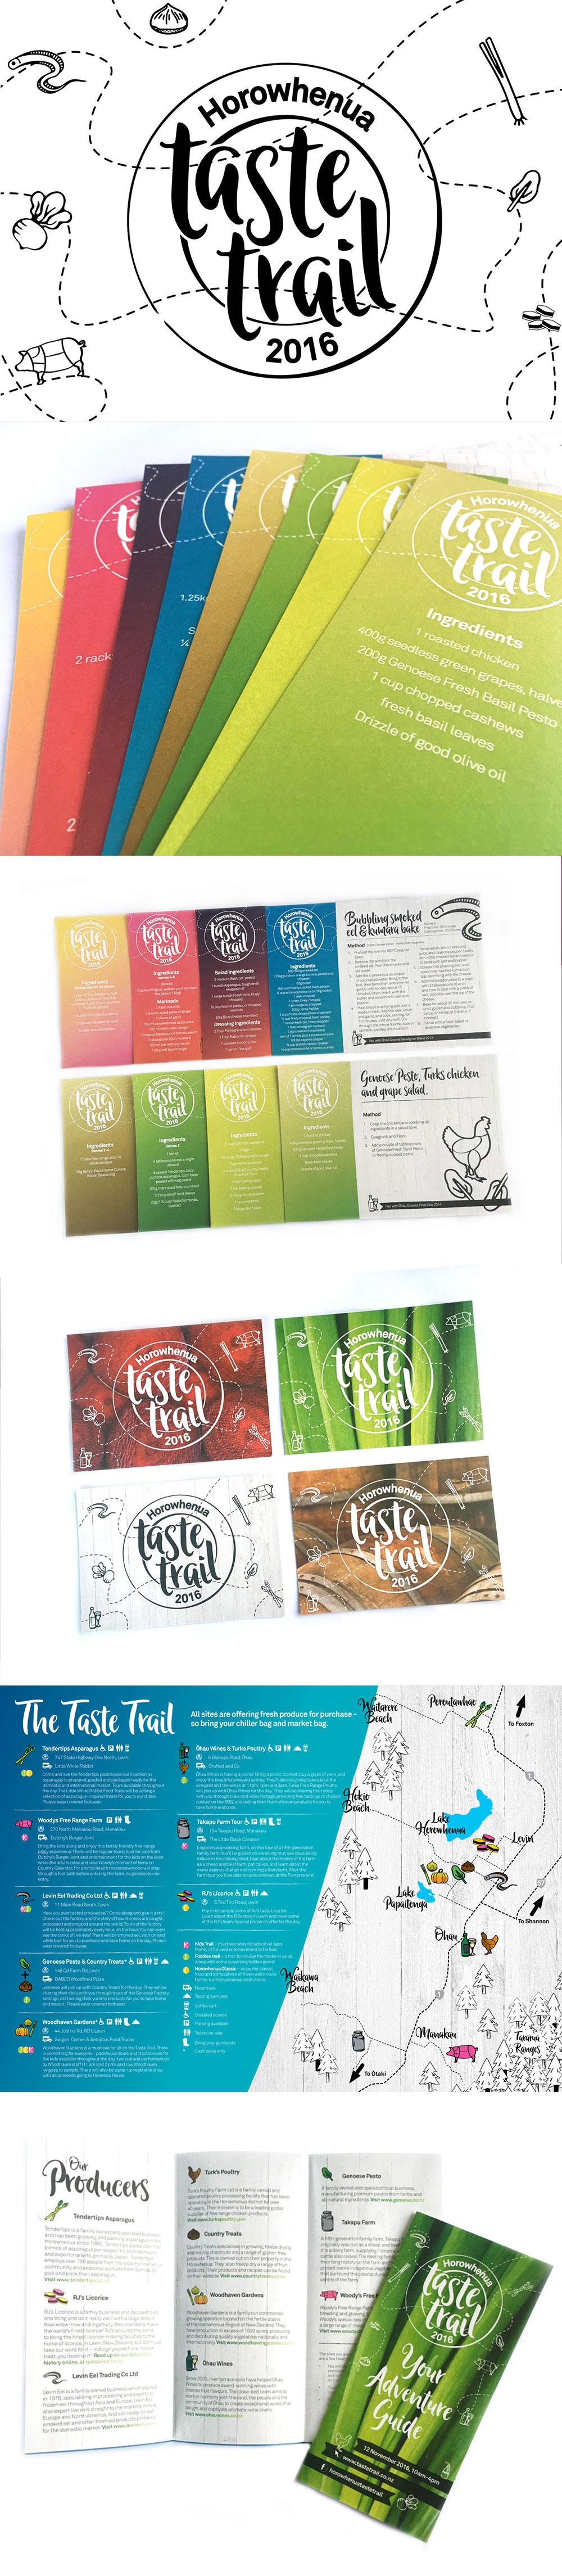 Horowhenua Taste Trail Branding Promotional Material